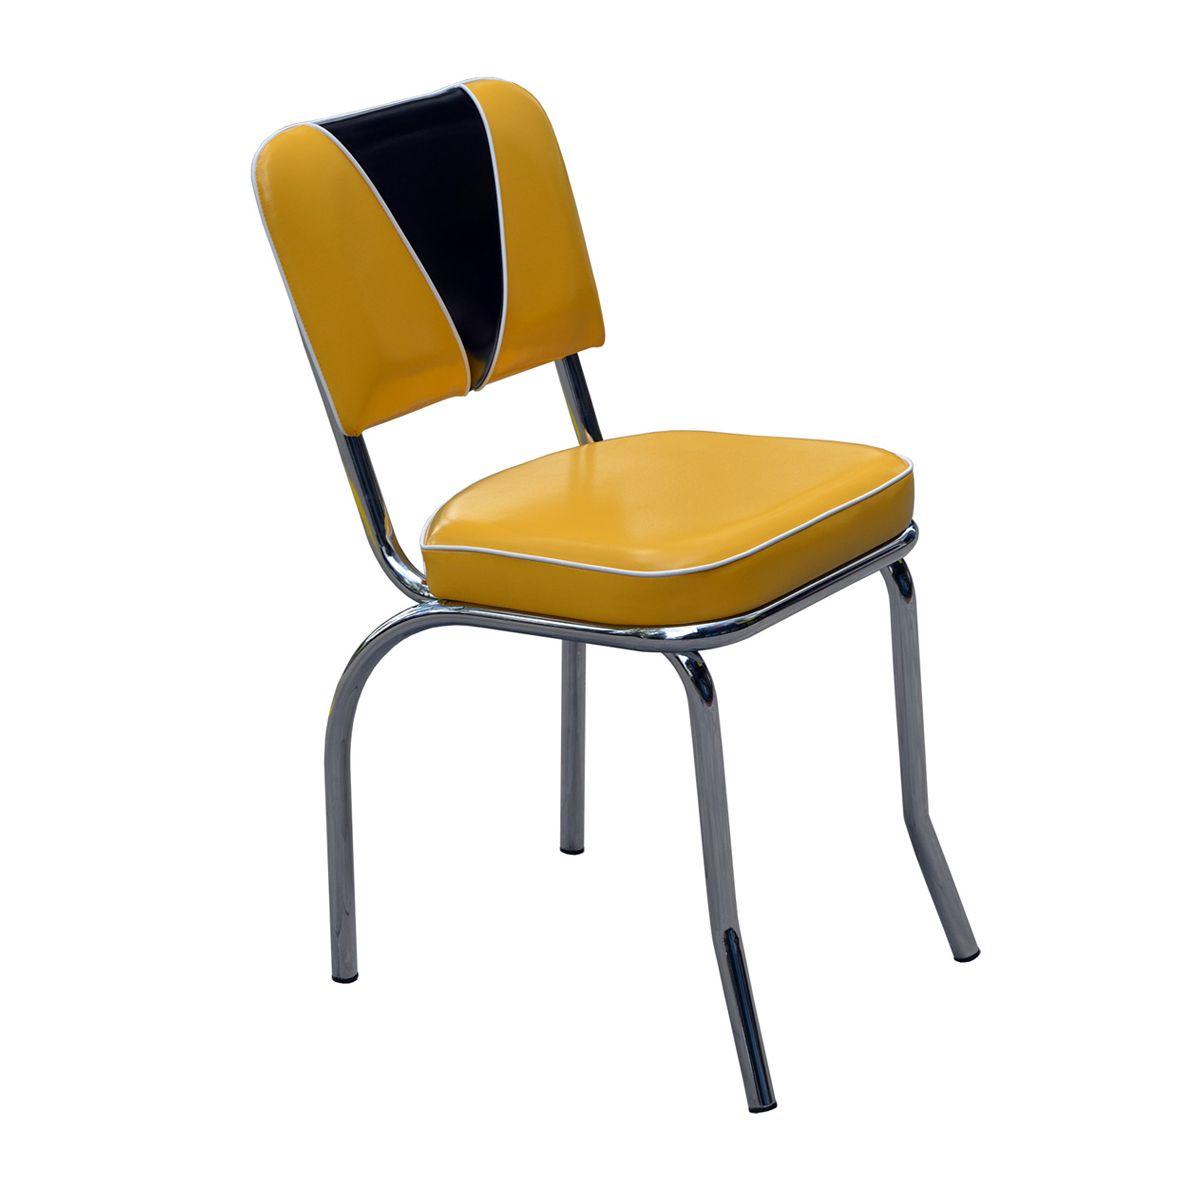 Vintage diner chair